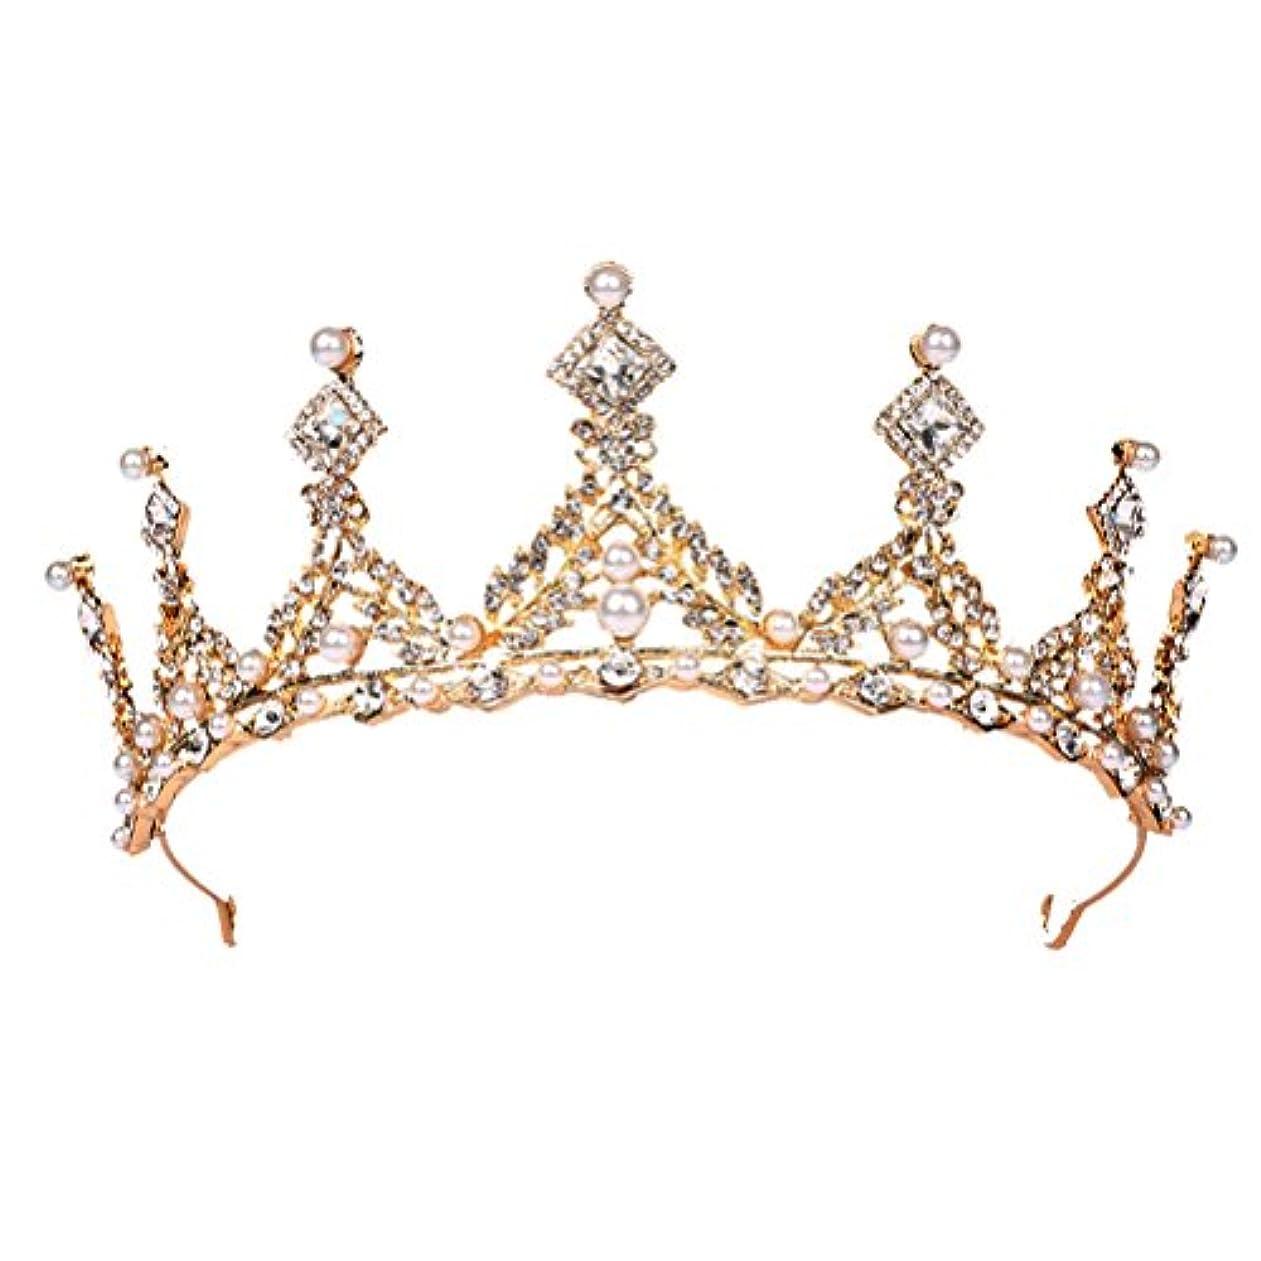 救出返還推定FENICAL ブライダル ティアラ ヘアバンド 花嫁 結婚式 ウェディング 王冠 クラウン クリスタル 髪飾り ヘアアクセサリー(ゴールデン)